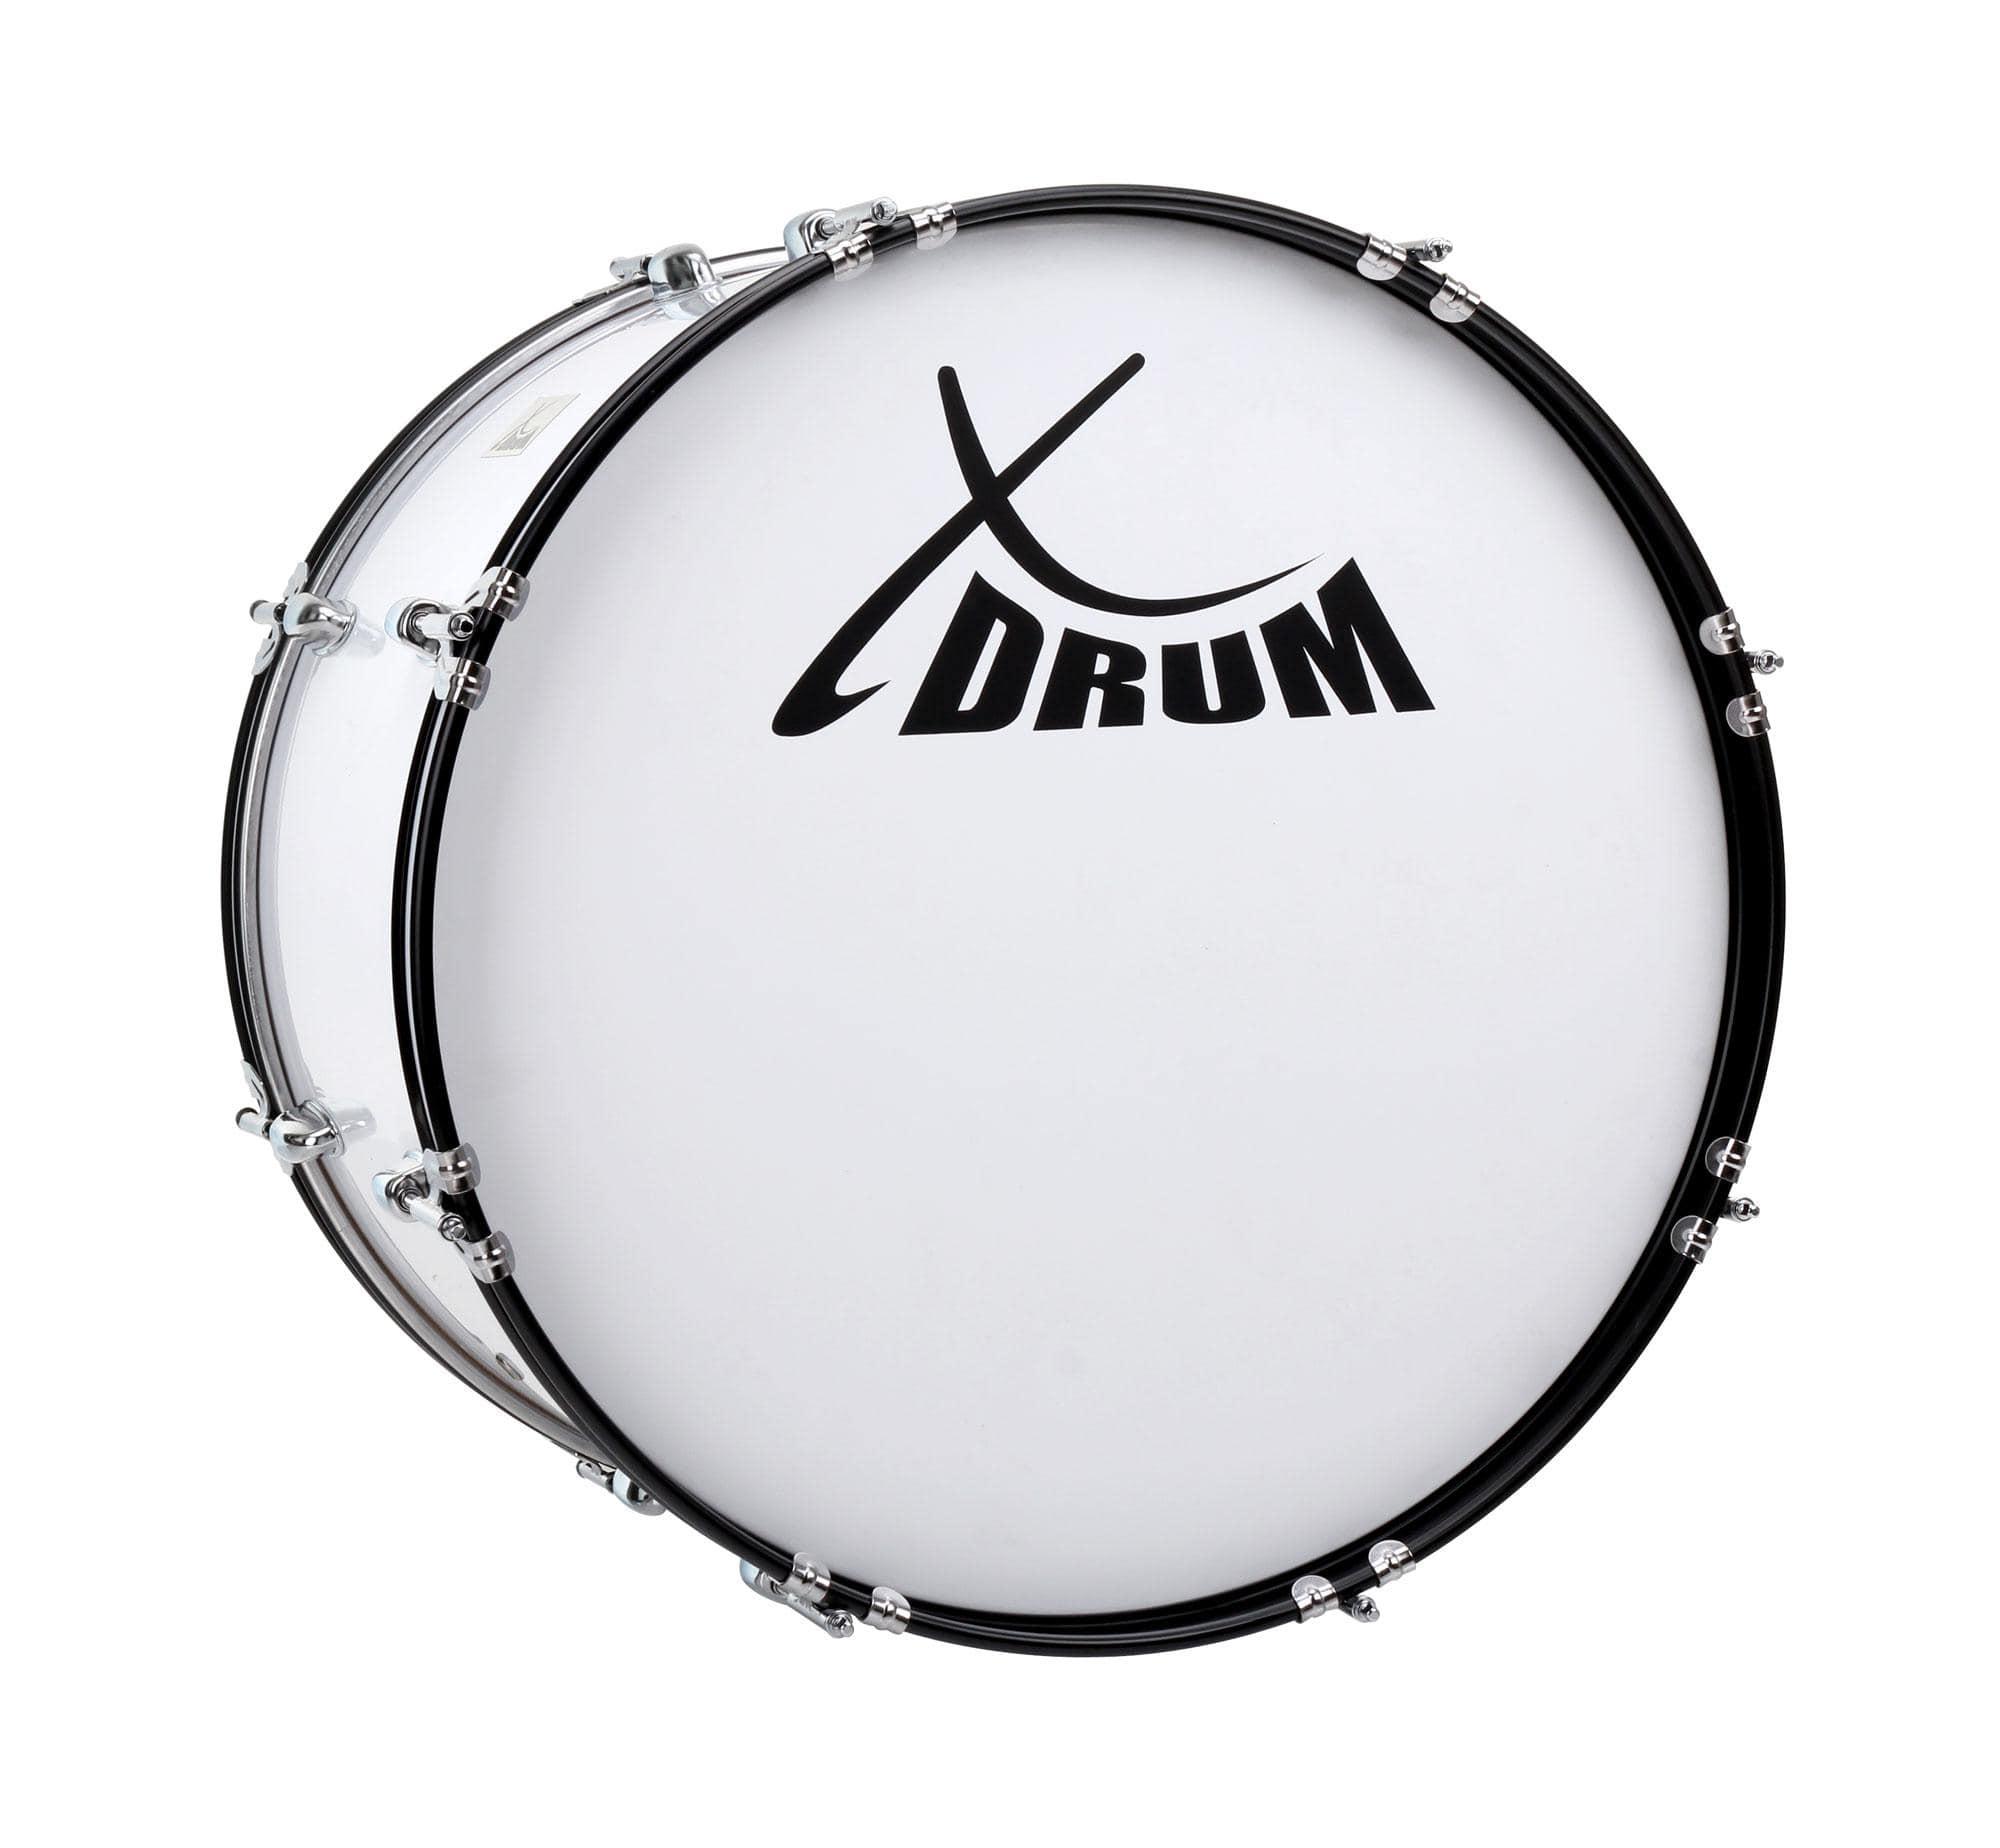 Marching - XDrum MBD 220 Marschtrommel 20 x 12 - Onlineshop Musikhaus Kirstein